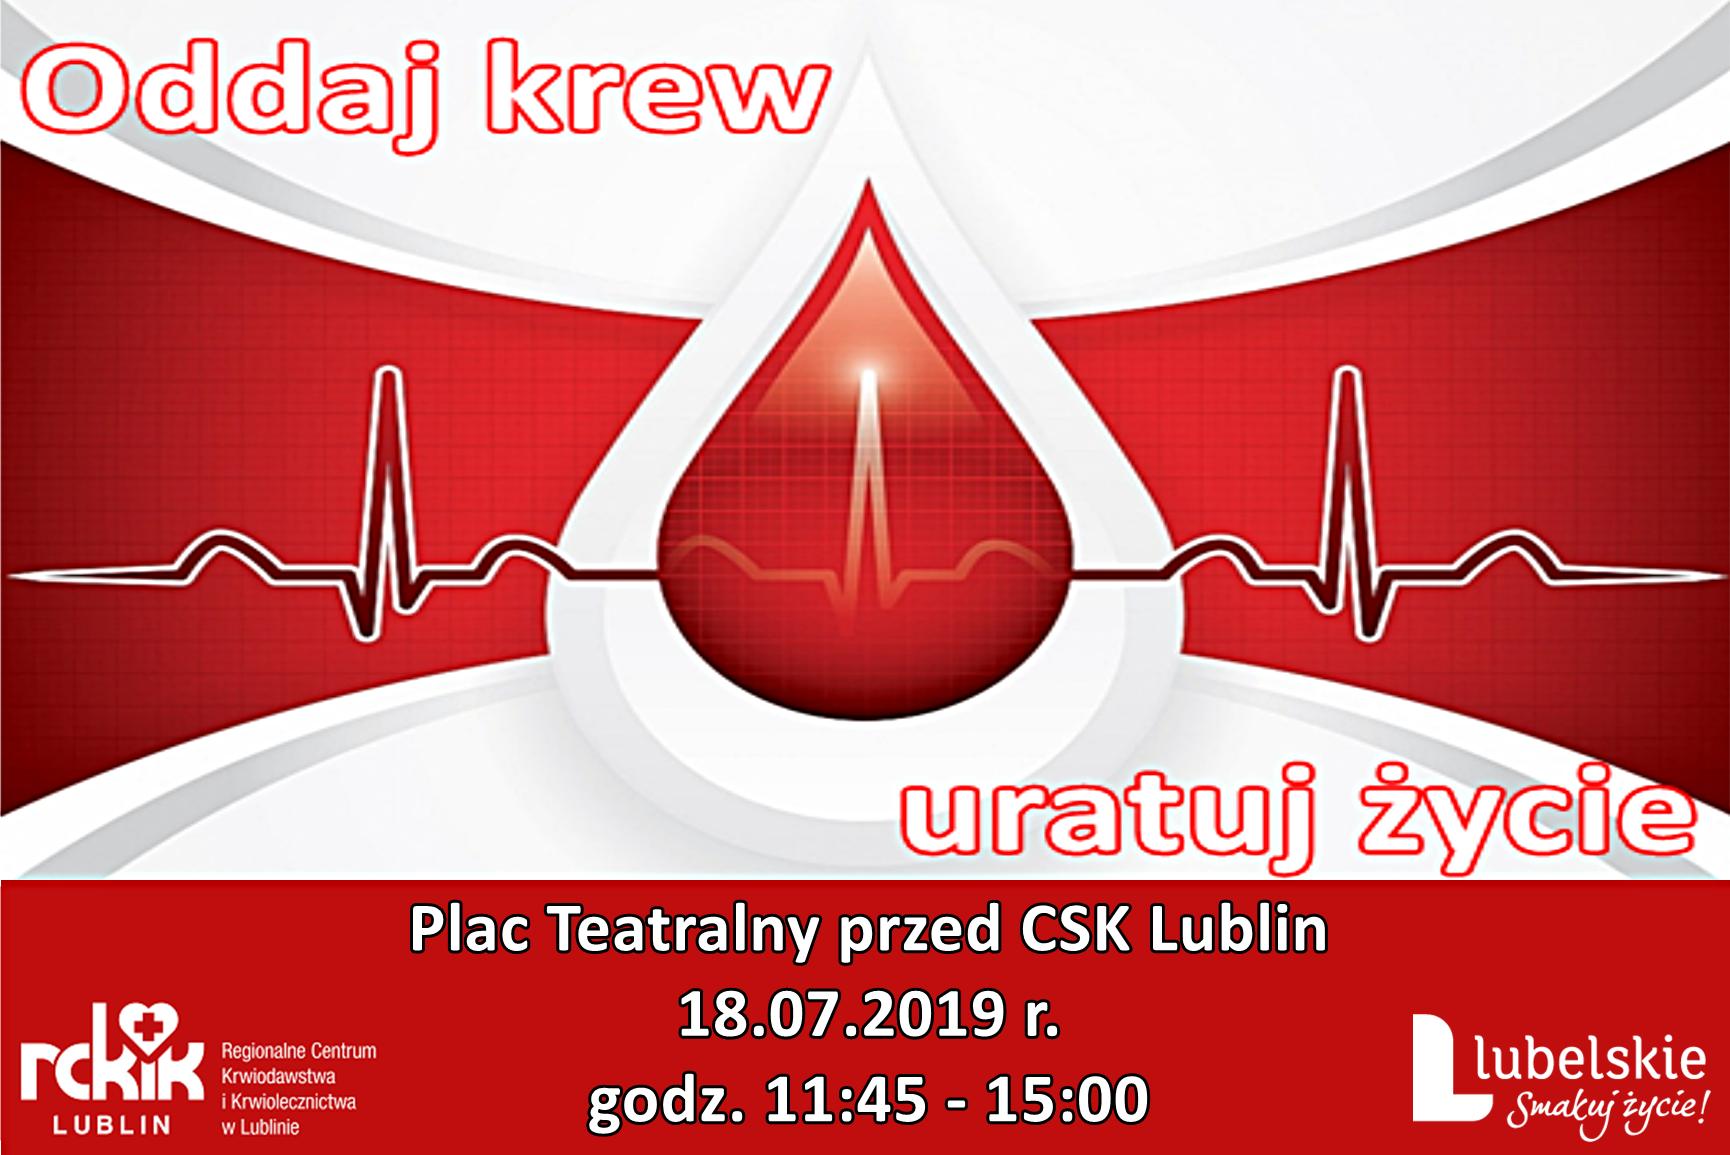 Oddaj krew #Lubelskie – przyłącz się do akcji